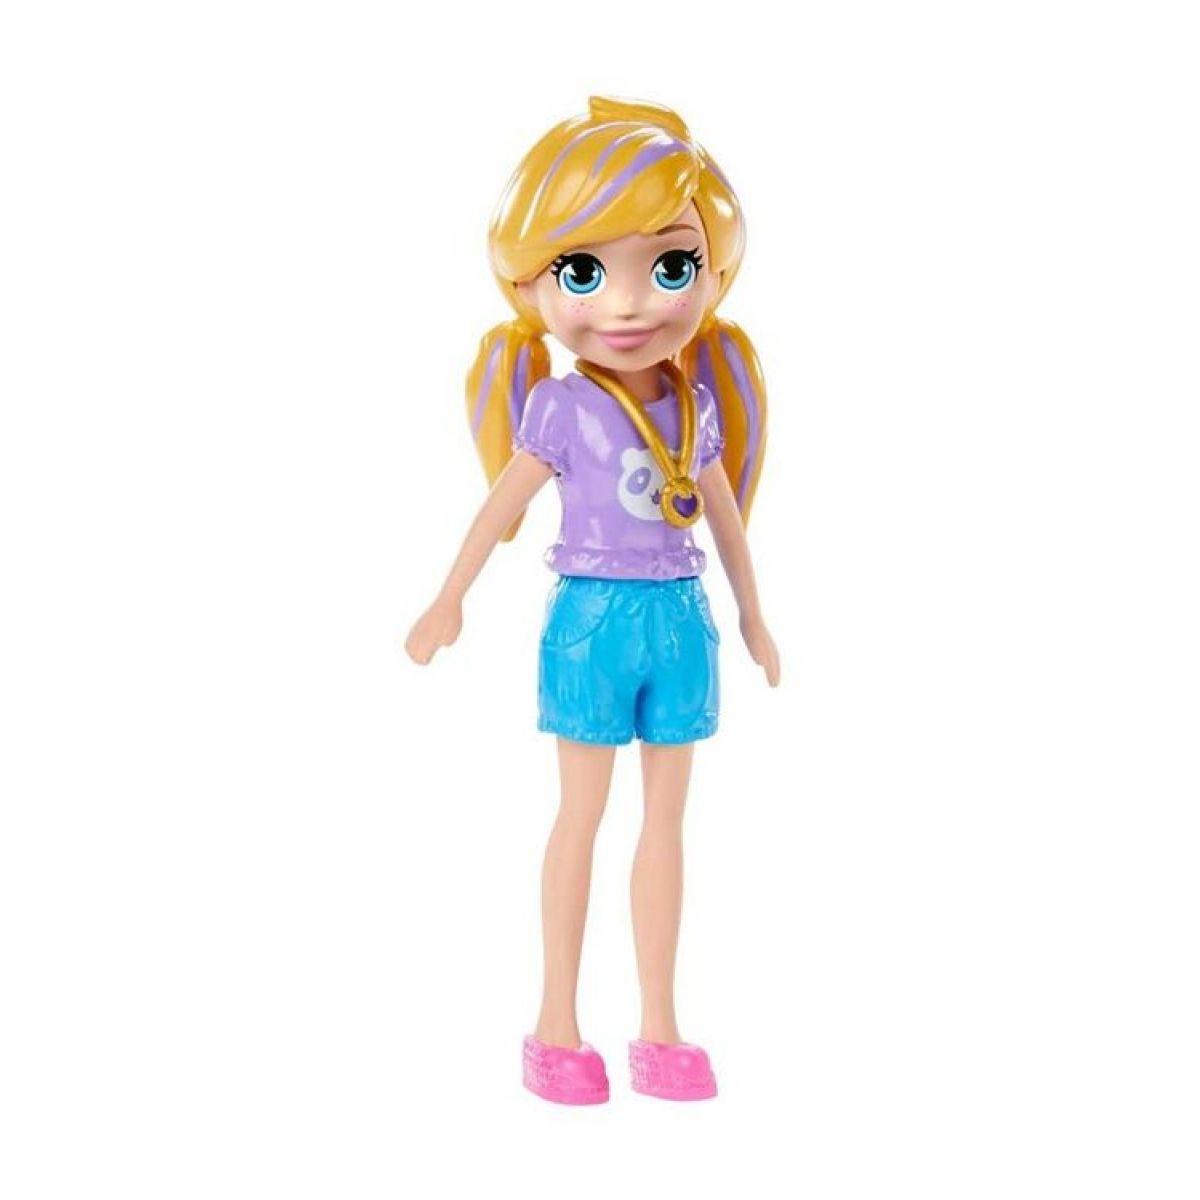 Mattel Polly Pocket stylová panenka Polly kraťasy 23